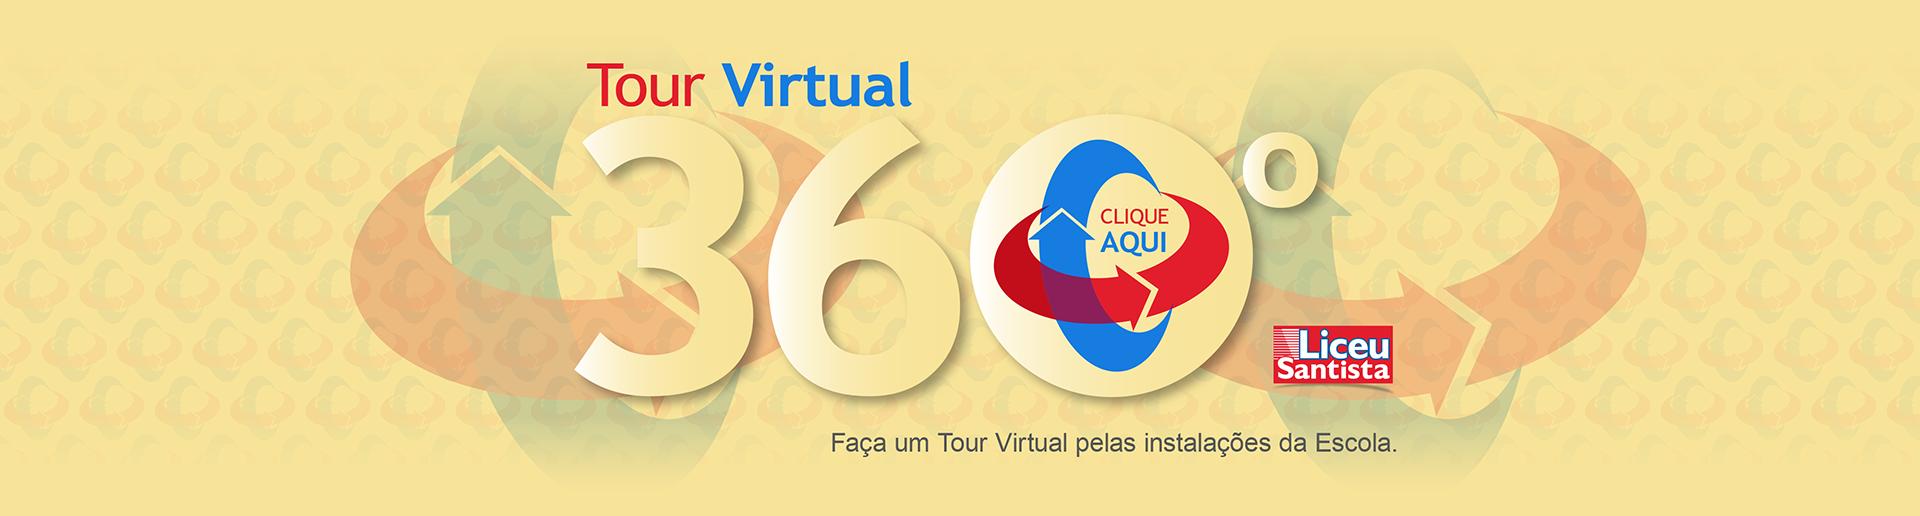 LS_Tour_Virtual_360-01